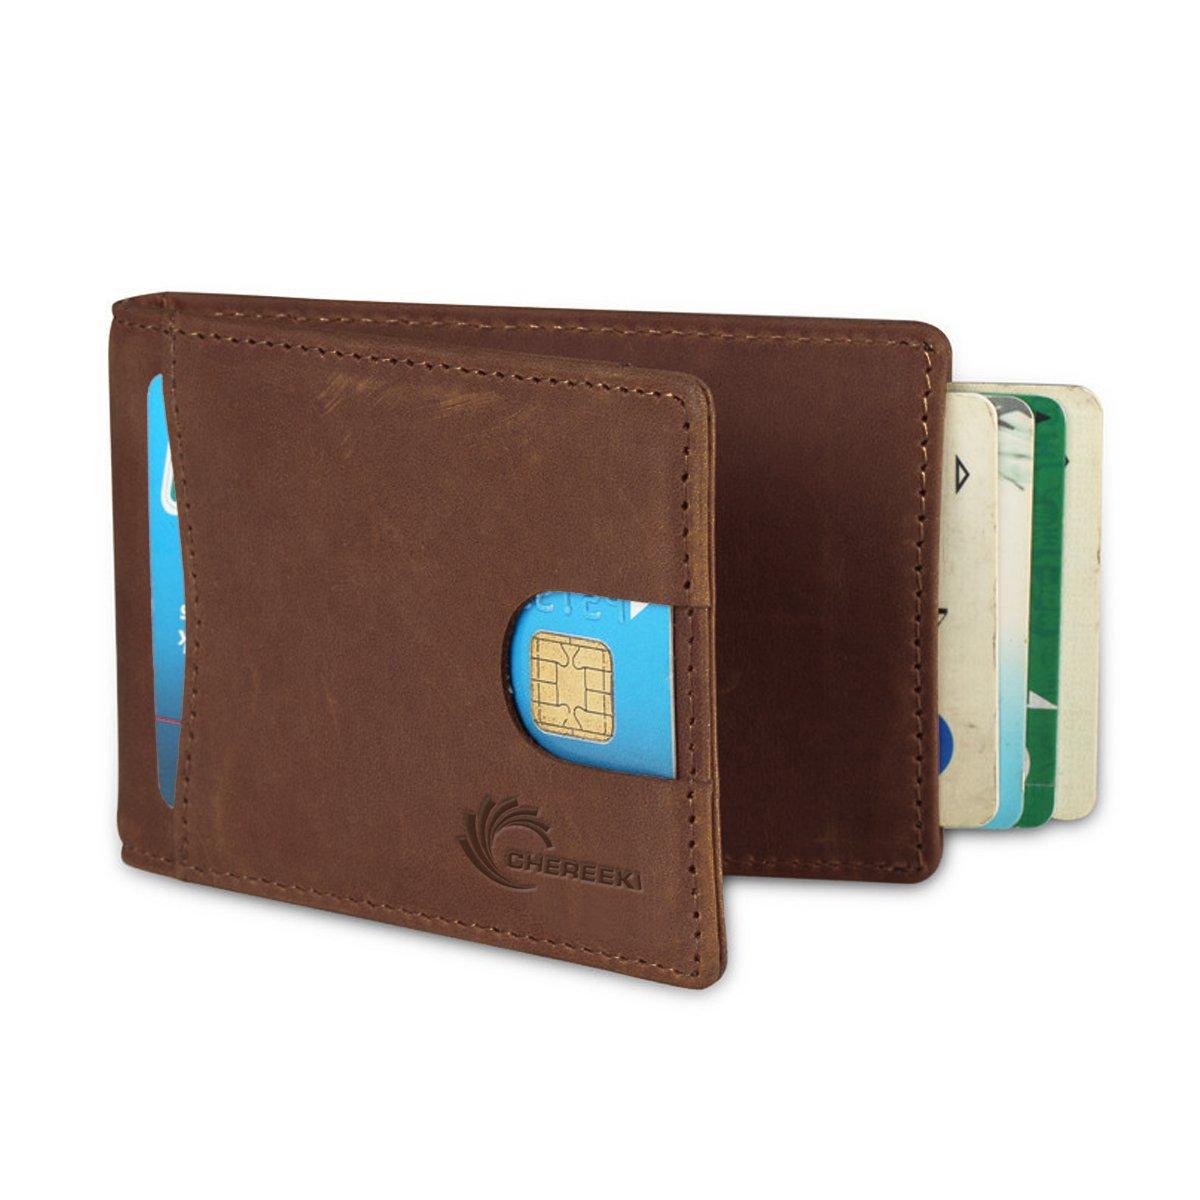 9400eb1ed CHEREEKI RFID Bloqueo Billeteras Slim Bifold Cuero Cartera Minimalista  Frente Bolsillo para Hombres con Titular de Tarjeta de Crédito y Money  Clip: ...